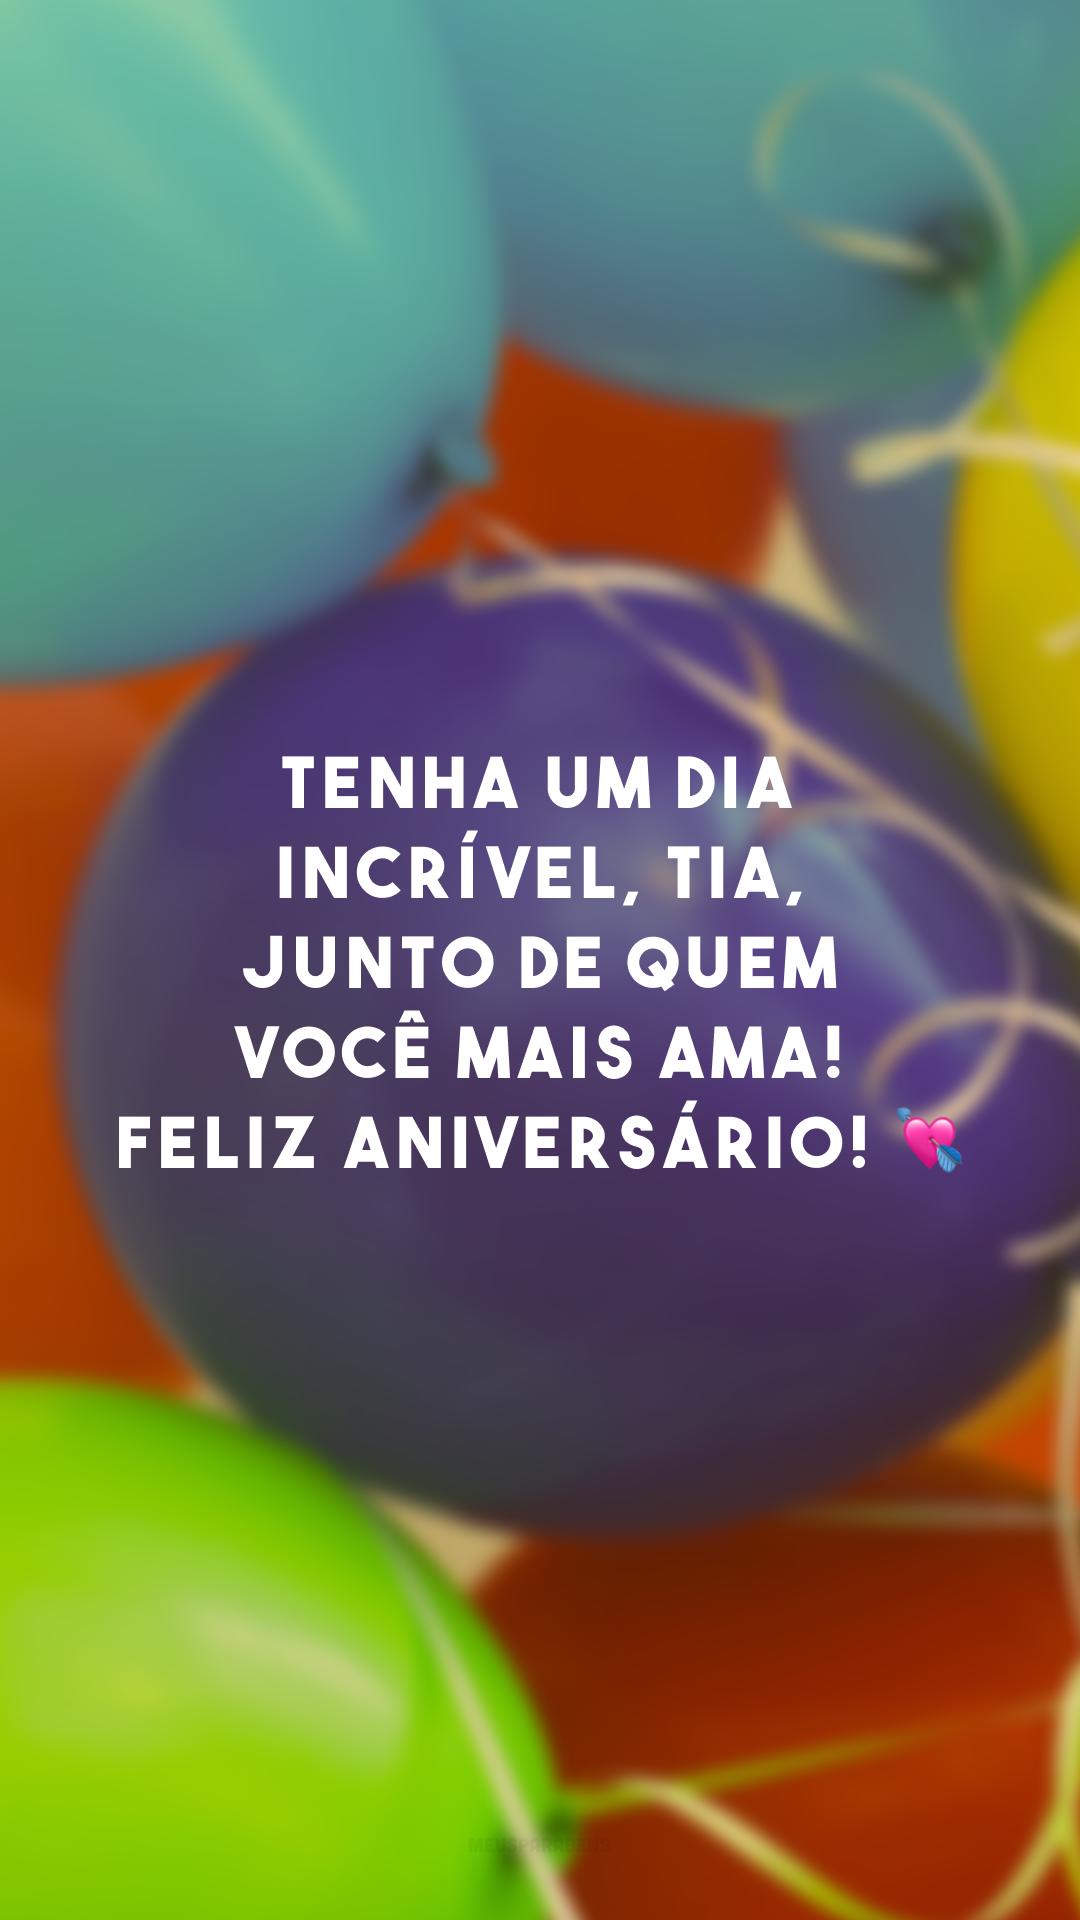 Tenha um dia incrível, tia, junto de quem você mais ama! Feliz aniversário! ?